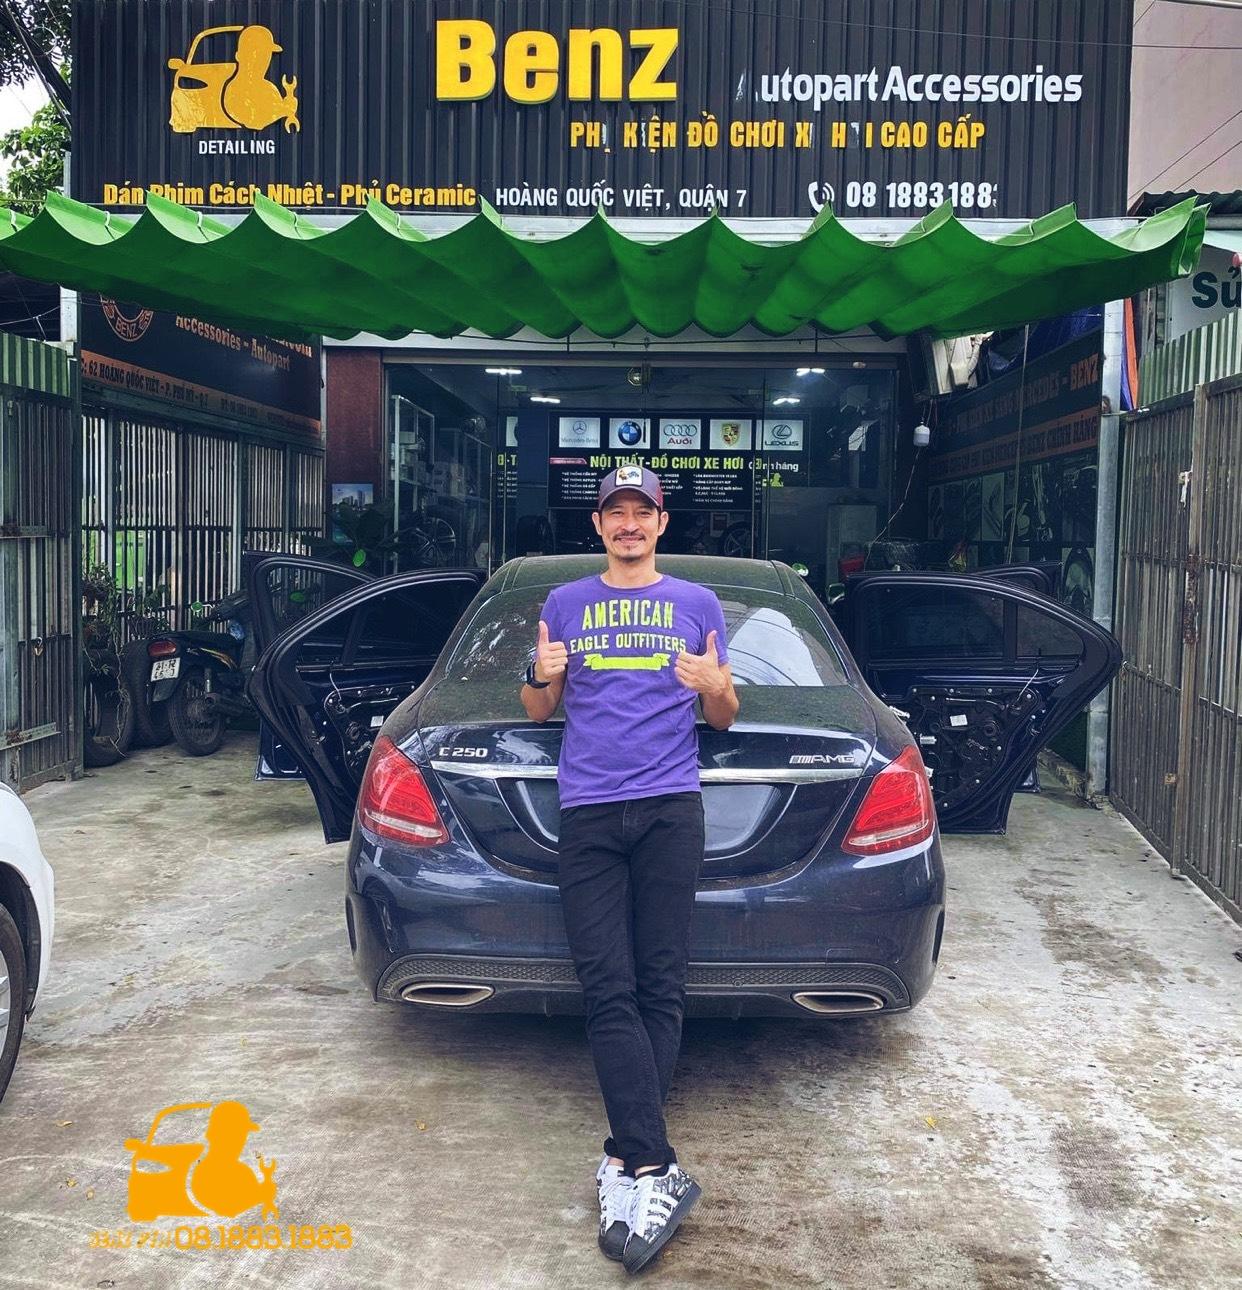 Diễn viên Huy Khánh độ xe tại Phụ kiện Xe Sang Mercedes Benz